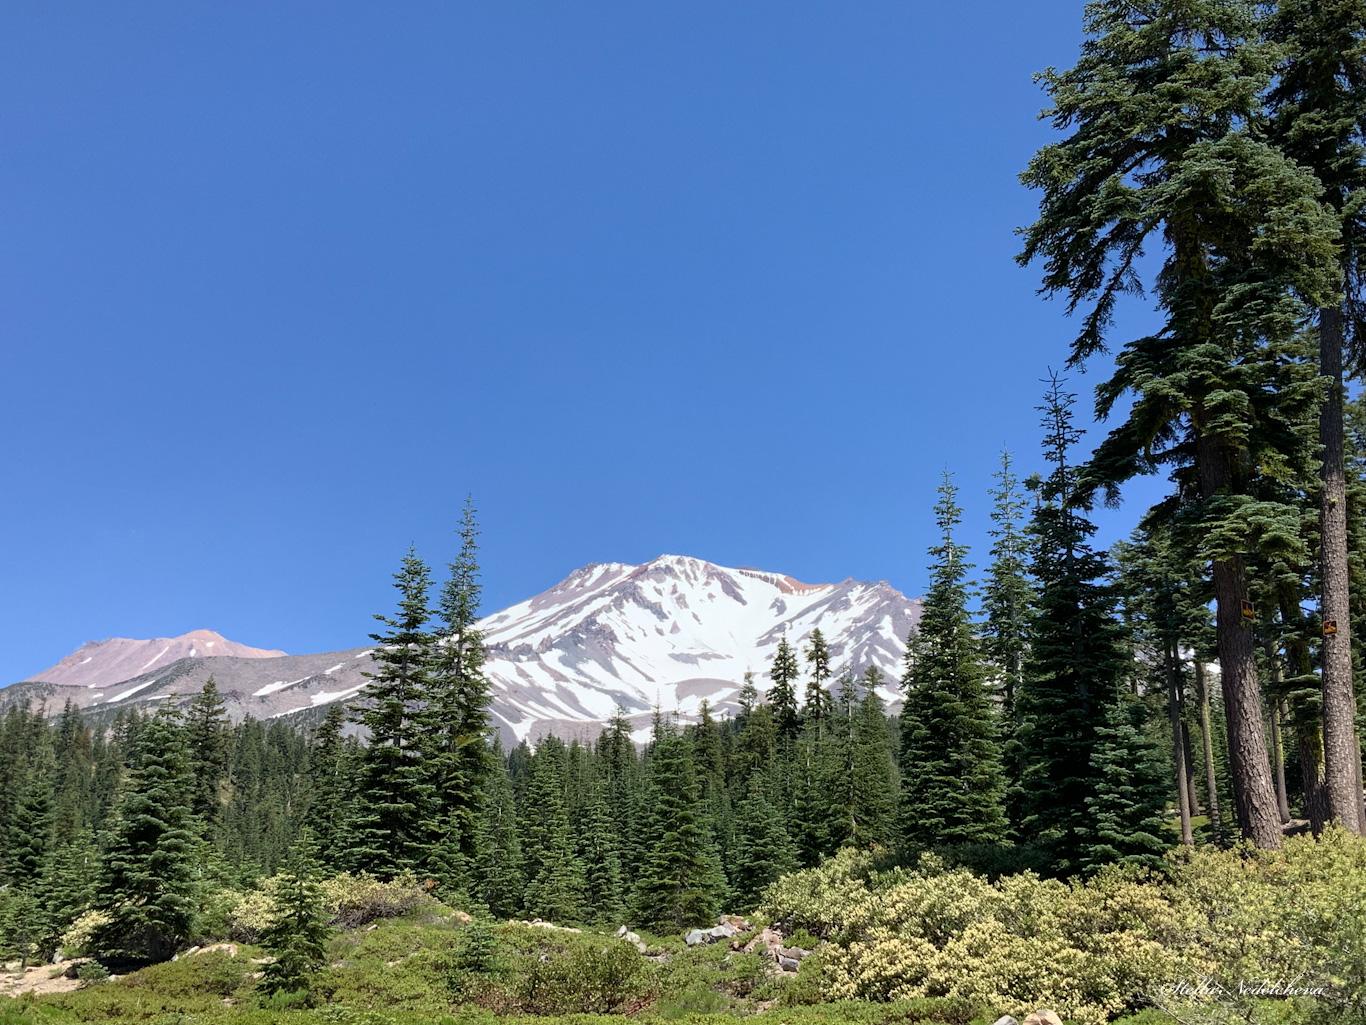 Vue sur le mont Shasta en été